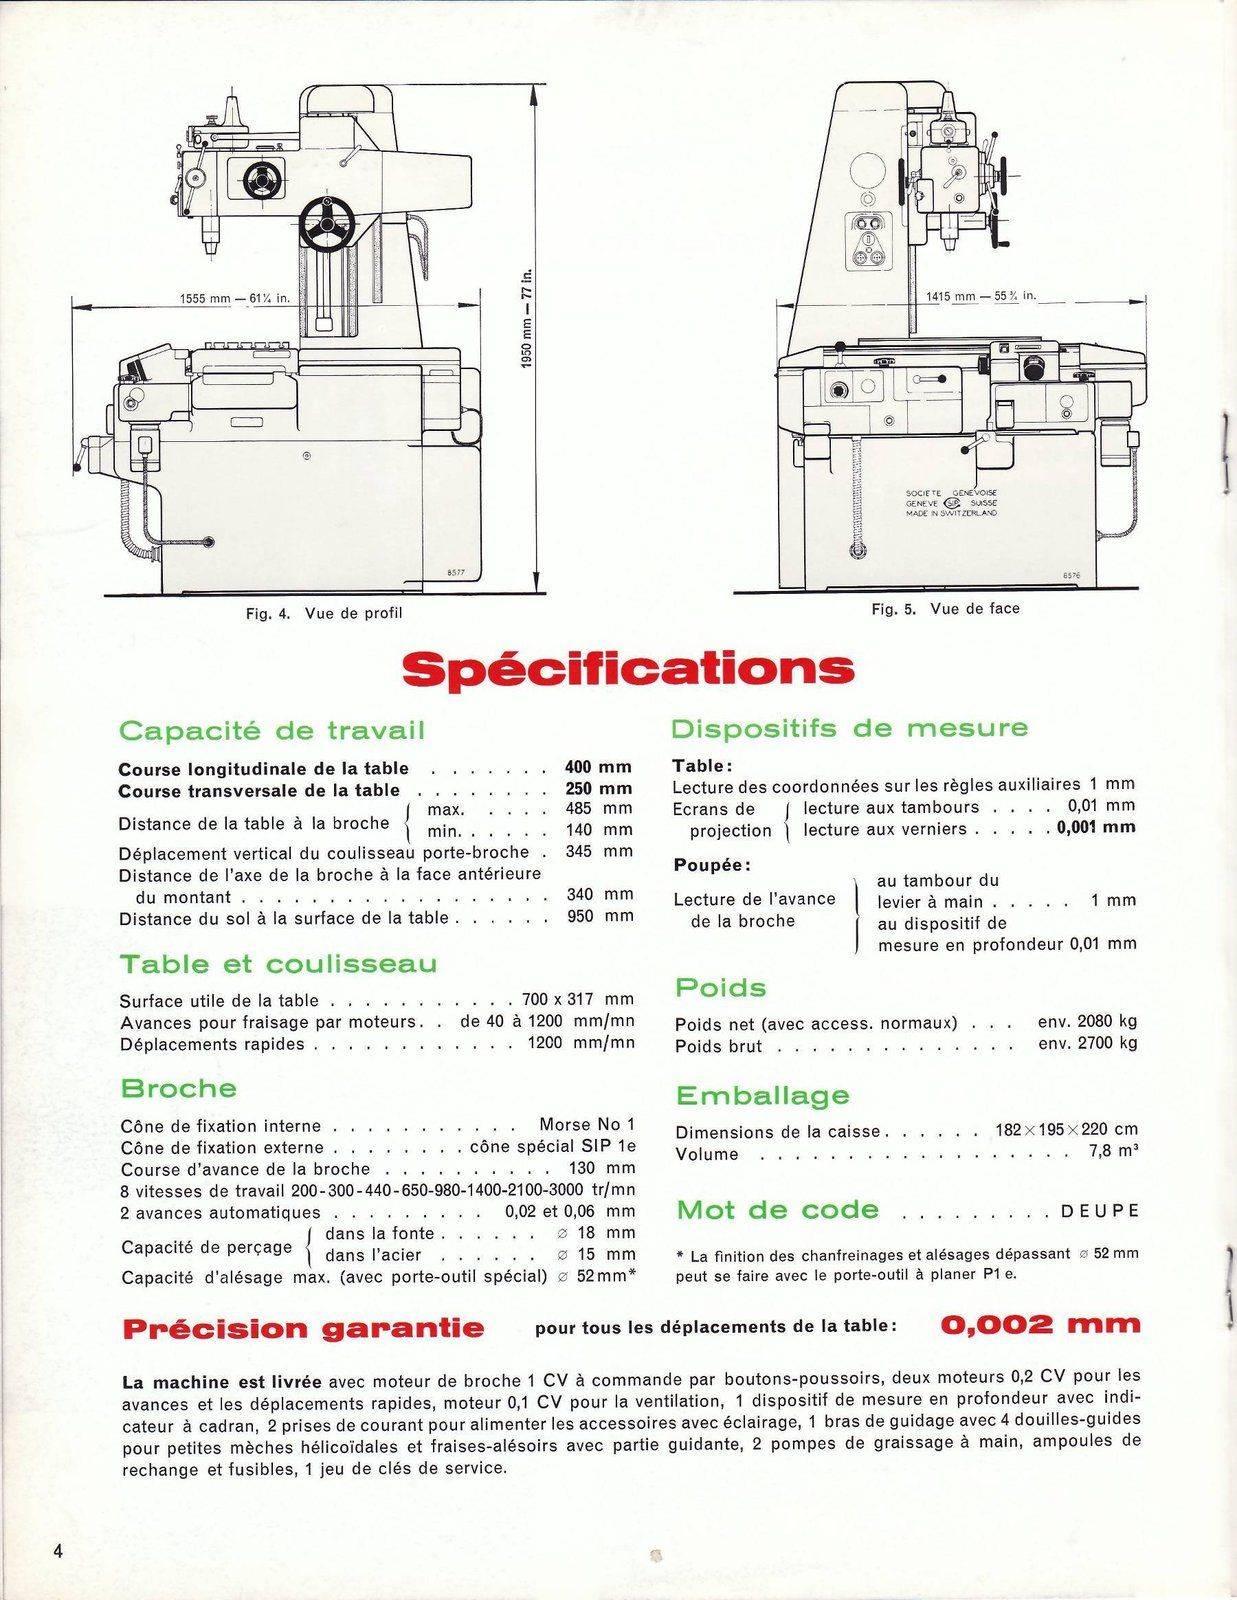 Prospectus MP-2P motorisée_4.jpg